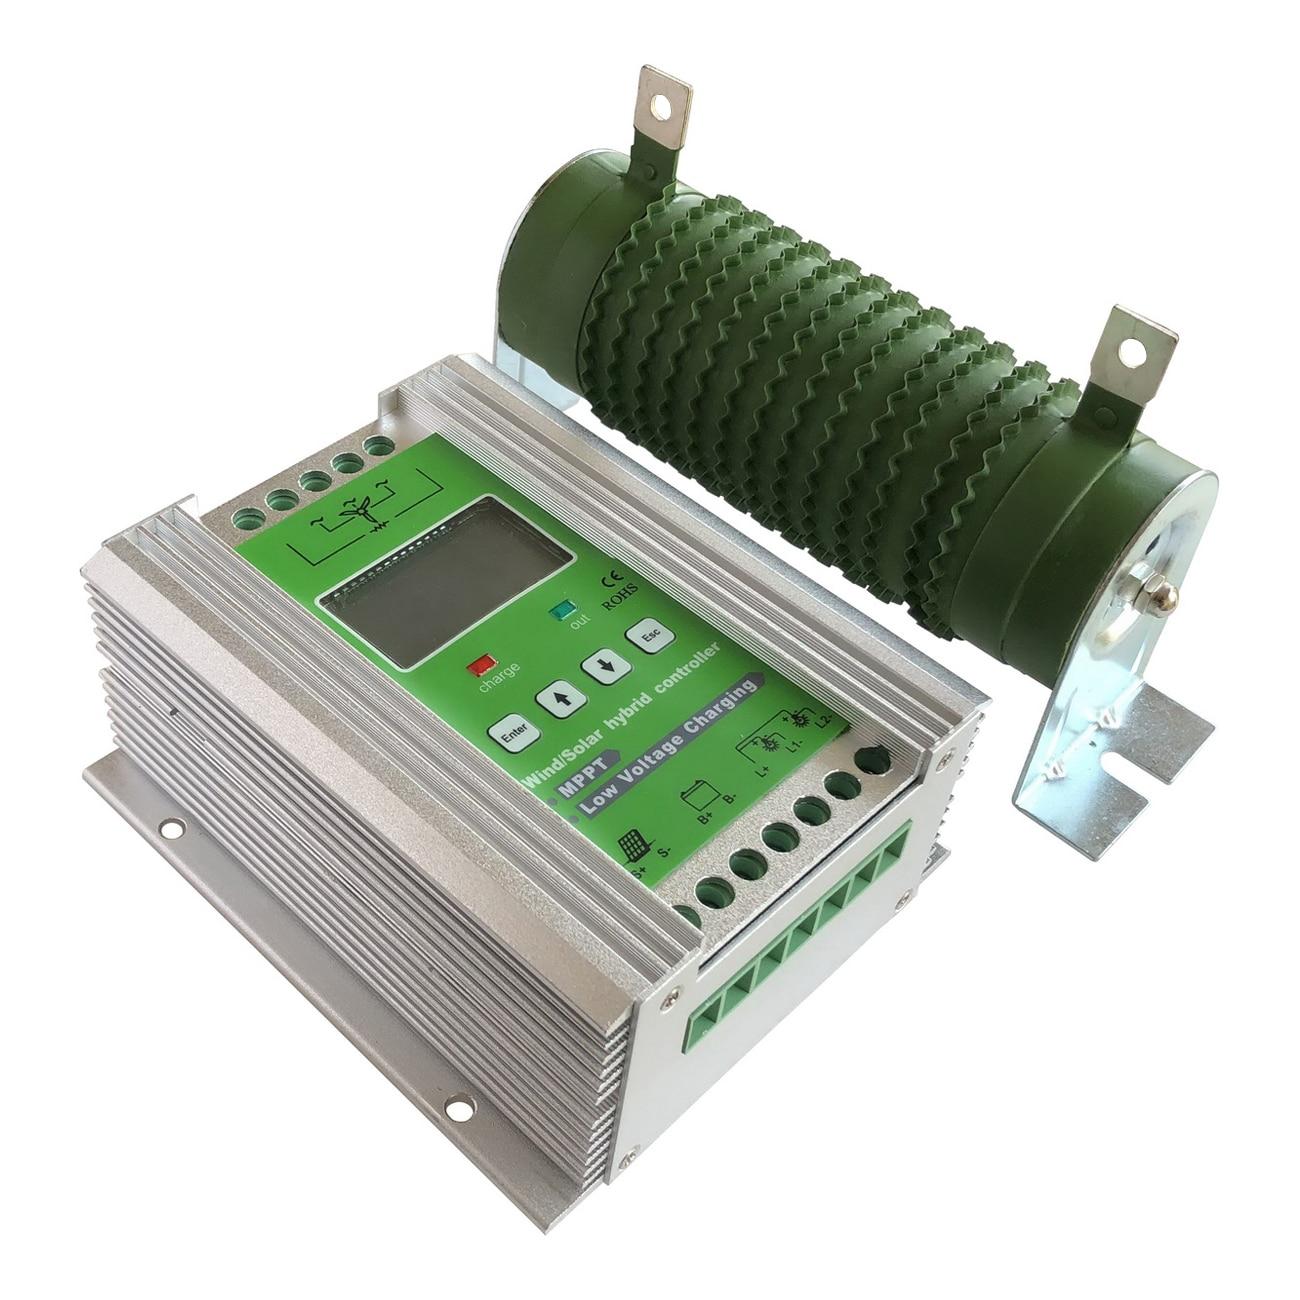 جهاز التحكم بالشحن بالطاقة الشمسية MPPT ، 300 واط ، 400 واط ، 500 واط ، 600 واط ، 200 واط ، 300 واط ، 400 واط